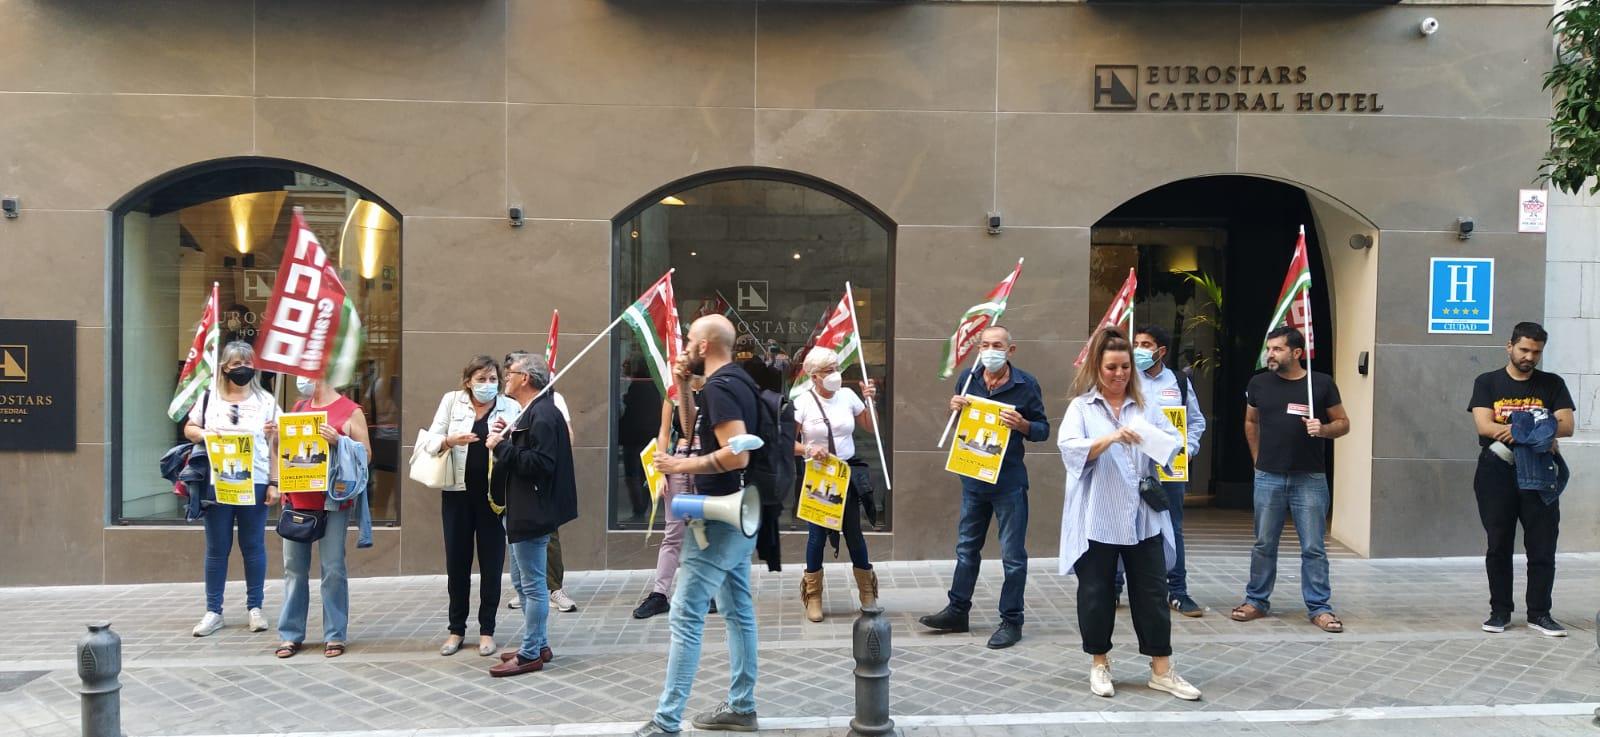 CCOO exige el pago de las nóminas a las trabajadoras de pisos de la cadena Eurostars